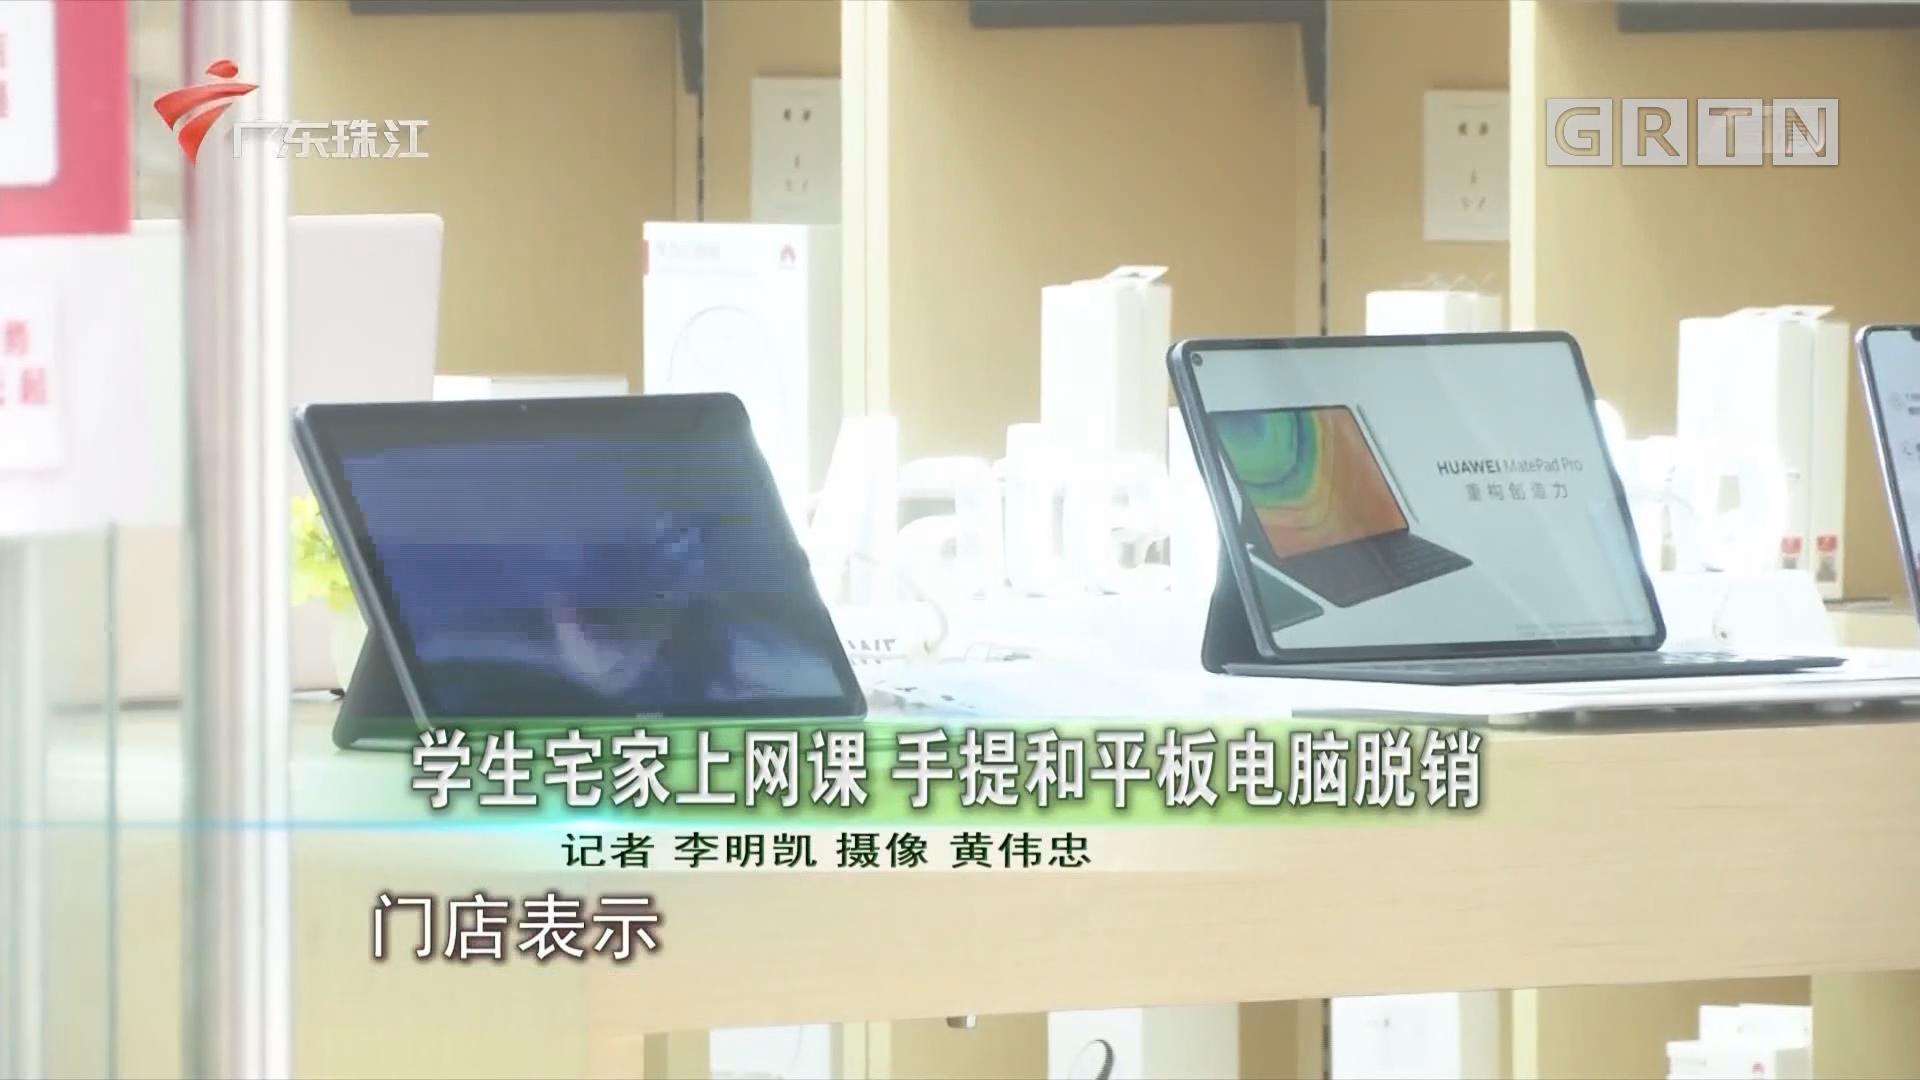 学生宅家上网课 手提和平板电脑脱销